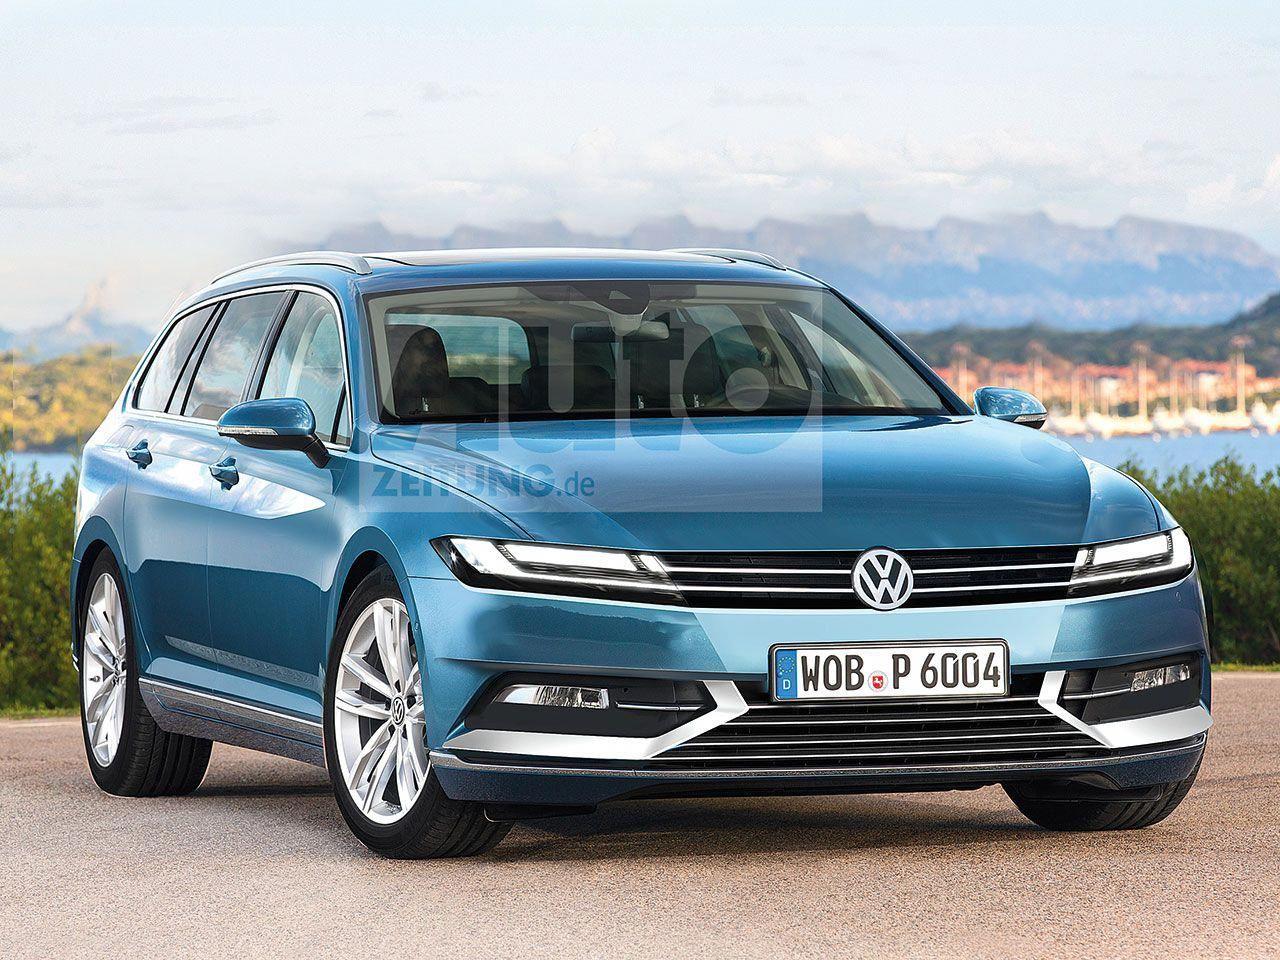 Die Ersten Informationen Zum Vw Passat Variant B9 2021 So Konnte Die Neue Generation Des Mittelklasse Kombis Ausse Vw Passat Vw Passat Tdi Volkswagen Passat